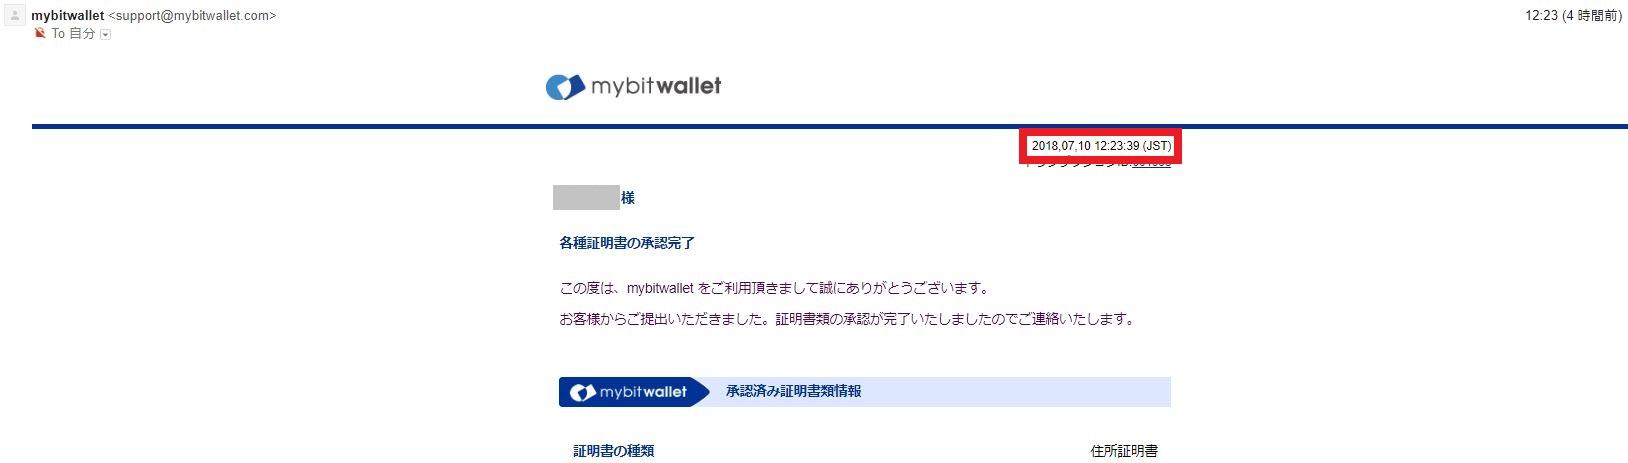 海外FX mybitwallet 各所証明書の証人完了